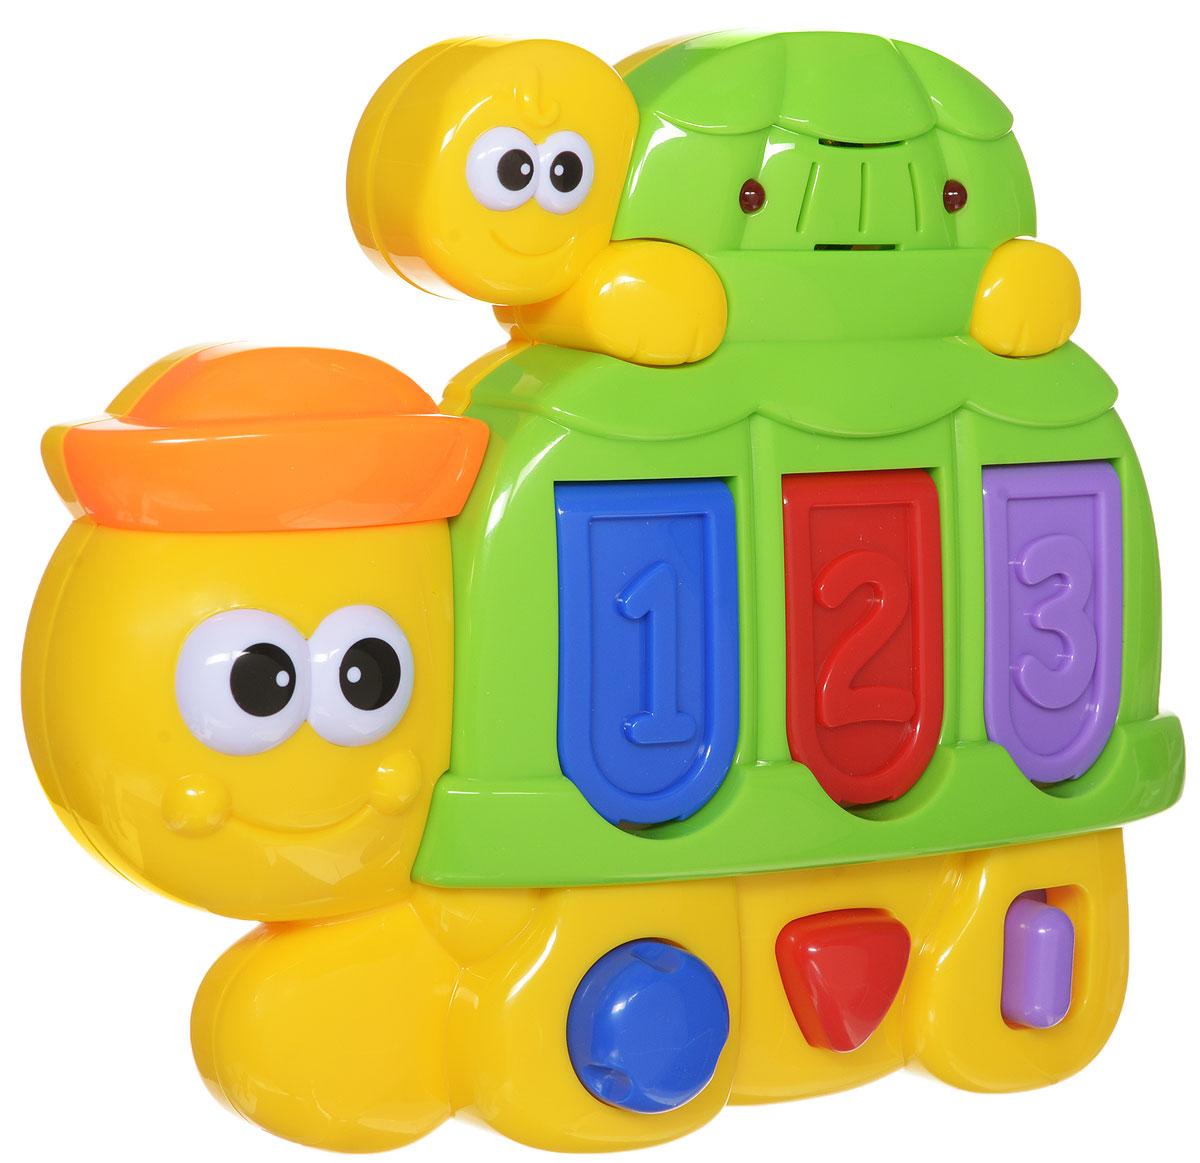 Navystar Развивающая игрушка Черепашка1264Развивающая игрушка Navystar Черепашка выполнена из качественного и безопасного материала. Игрушка обладает световыми и звуковыми эффектами, выполнена в виде очаровательной черепашки. На туловище черепашки находятся три небольшие дверцы, которые открываются при помощи различных кнопок. При открытии дверей звучит музыка и малыш видит различных животных. Развивающая игрушка Navystar Черепашка поможет ребенку развить цветовое и звуковое восприятия, память, логическое мышление, познакомиться с животными и цифрами, а милый жизнерадостный образ подарит малышу хорошее настроение! Рекомендуется докупить 3 батарейки напряжением 1,5V типа LR44 (товар комплектуется демонстрационными).